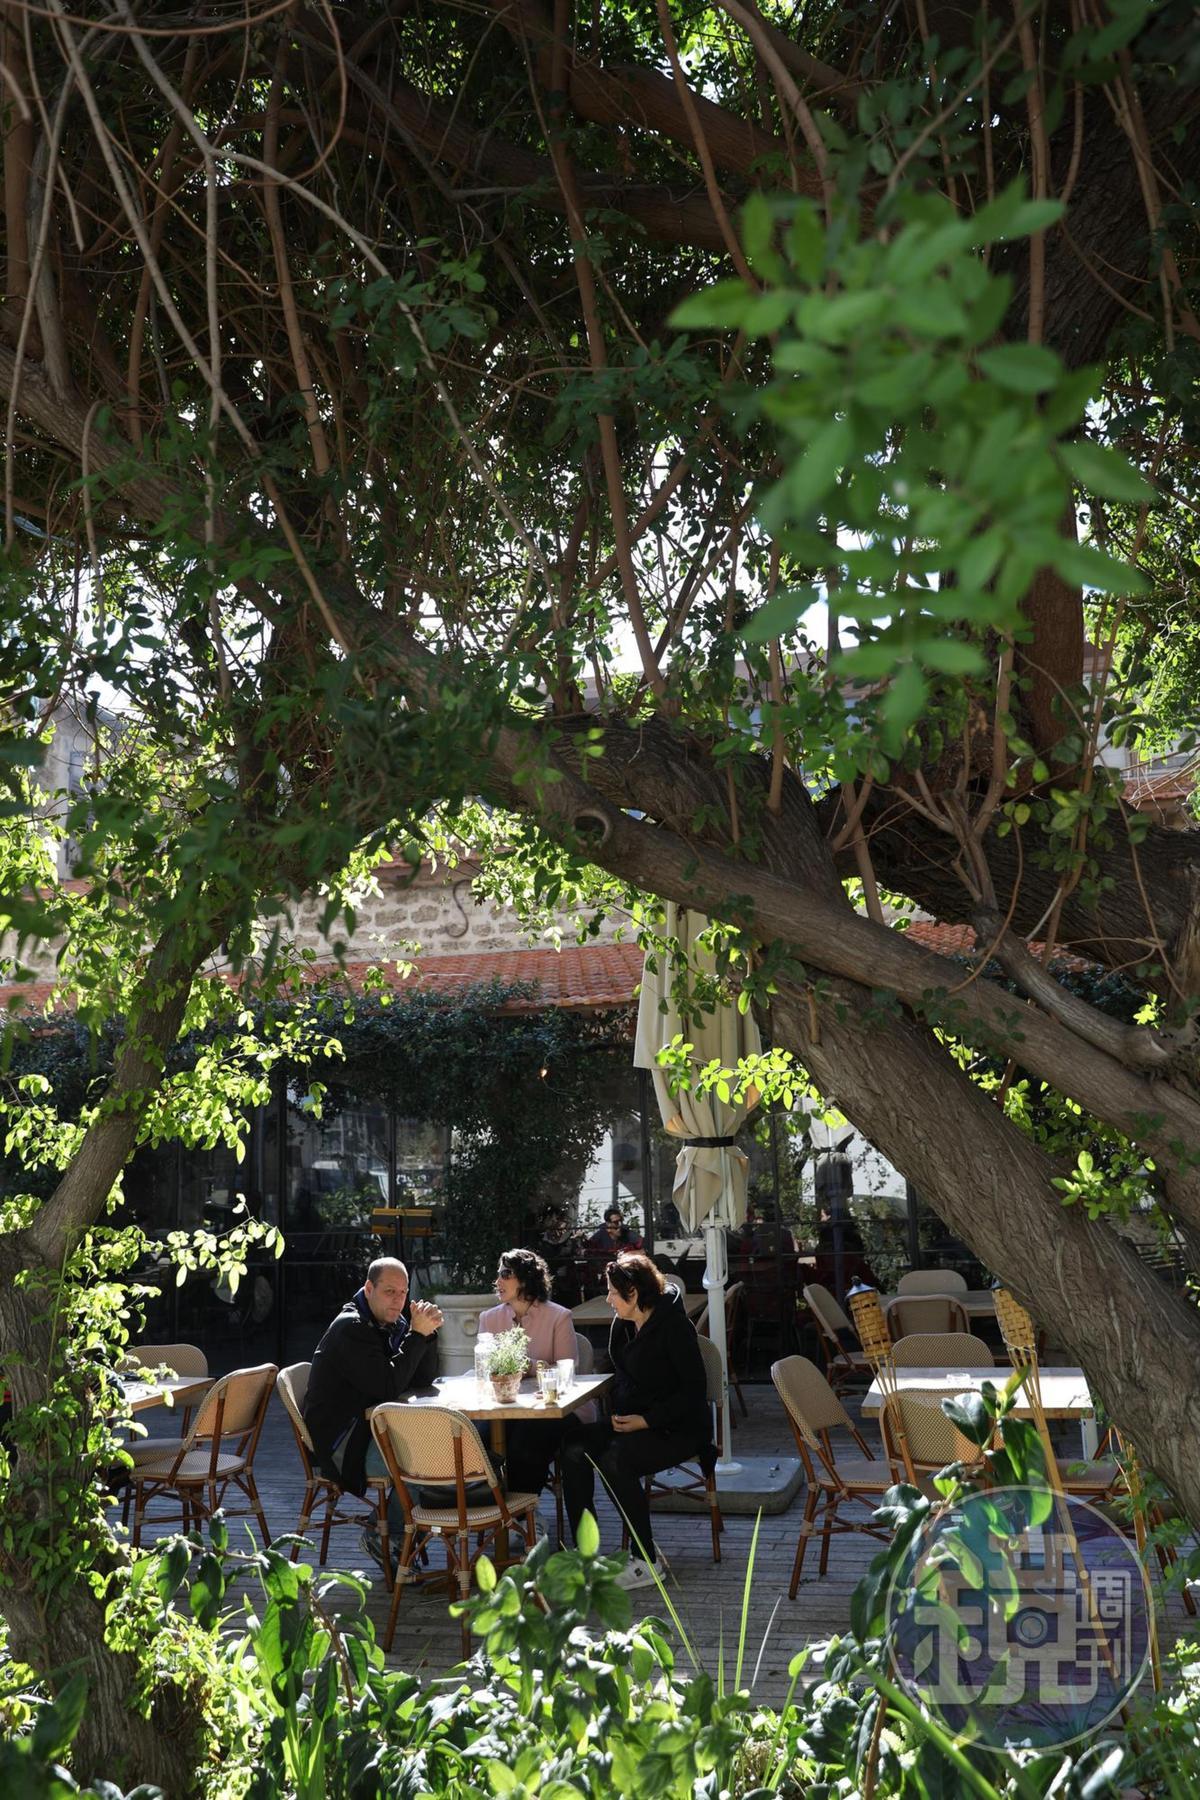 園區裡的餐廳大都設有戶外區,讓食客籠罩在溫暖綠意與陽光中用餐。